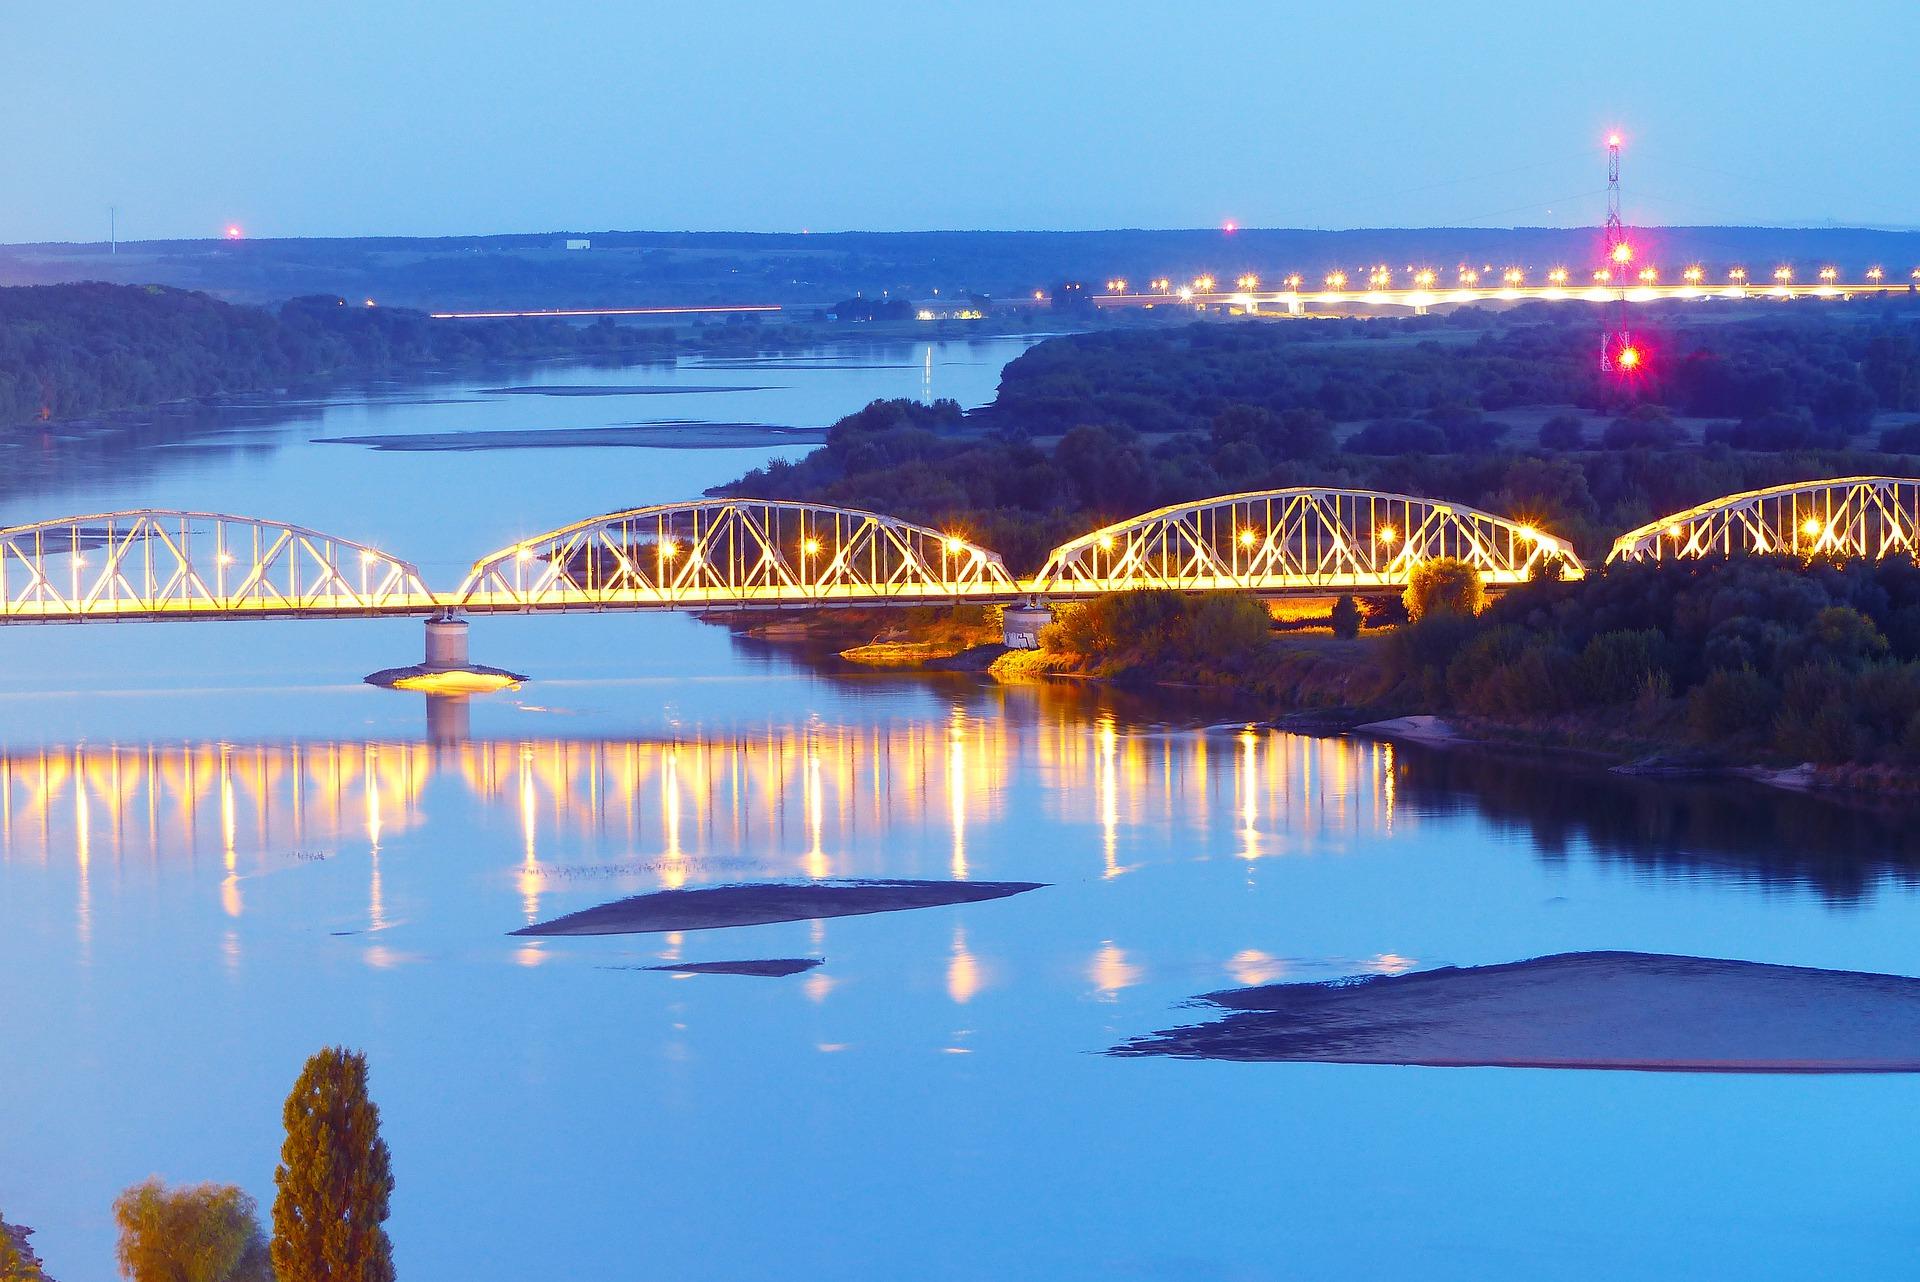 bridge-4490123_1920